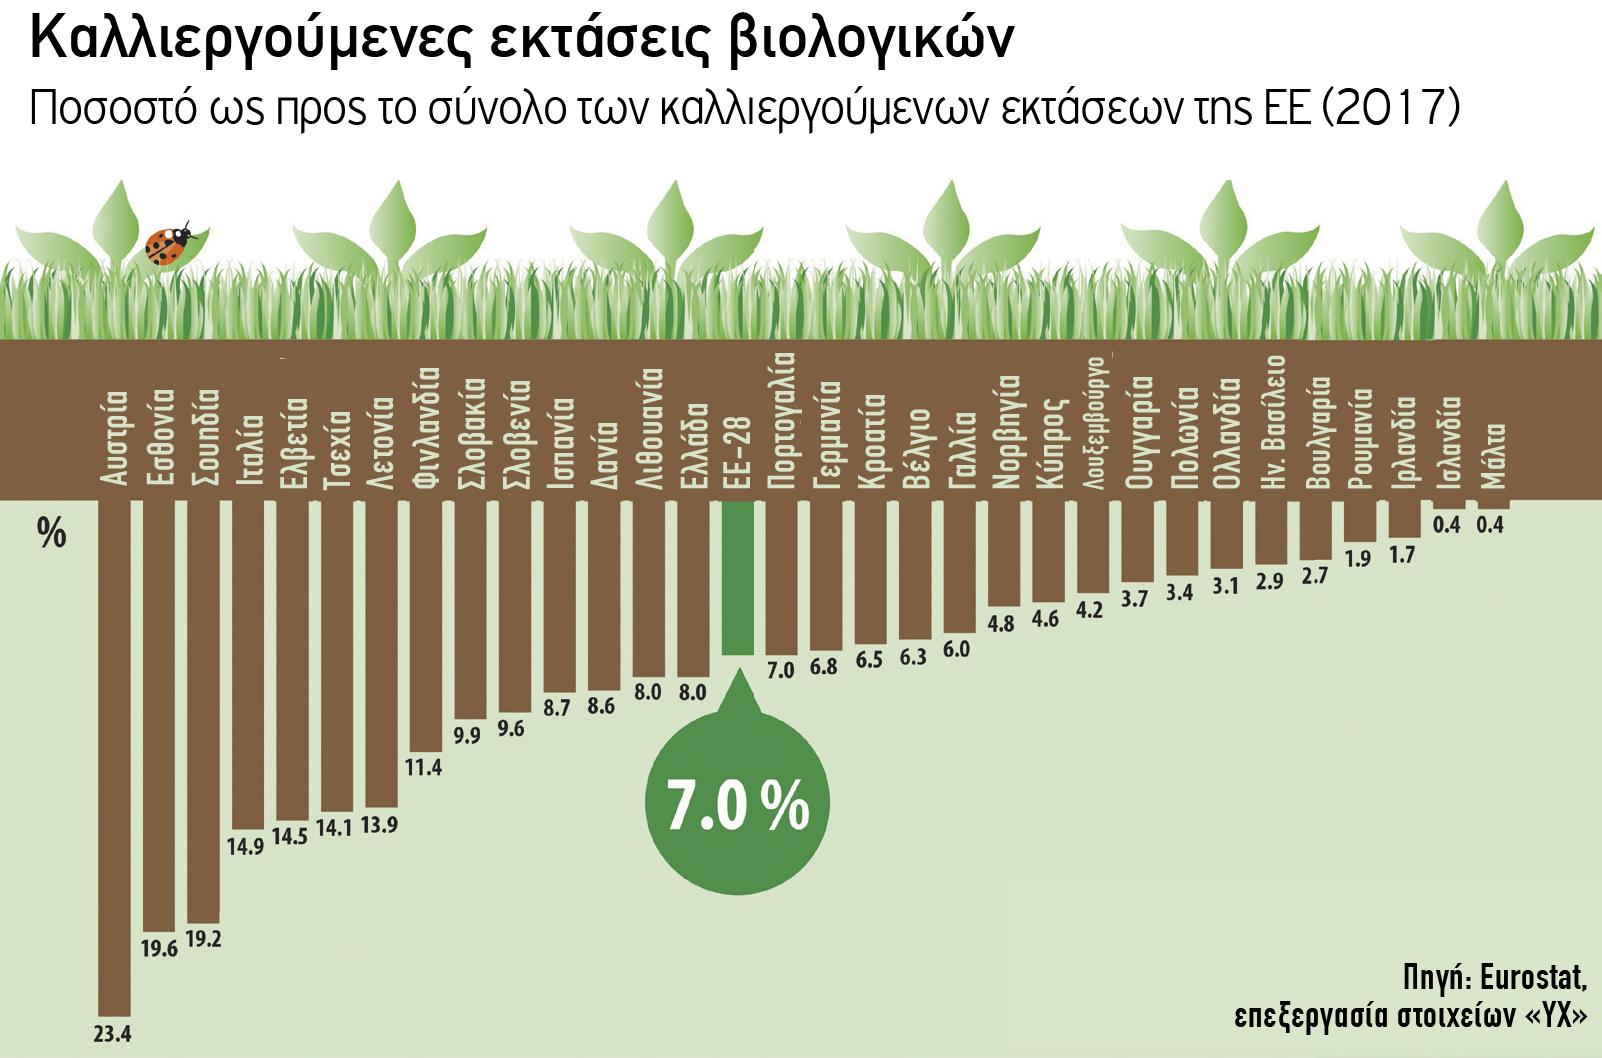 Καλλιεργούµενες εκτάσεις βιολογικών  // Ποσοστό ως προς το σύνολο των καλλιεργούµενων εκτάσεων της ΕΕ (2017)